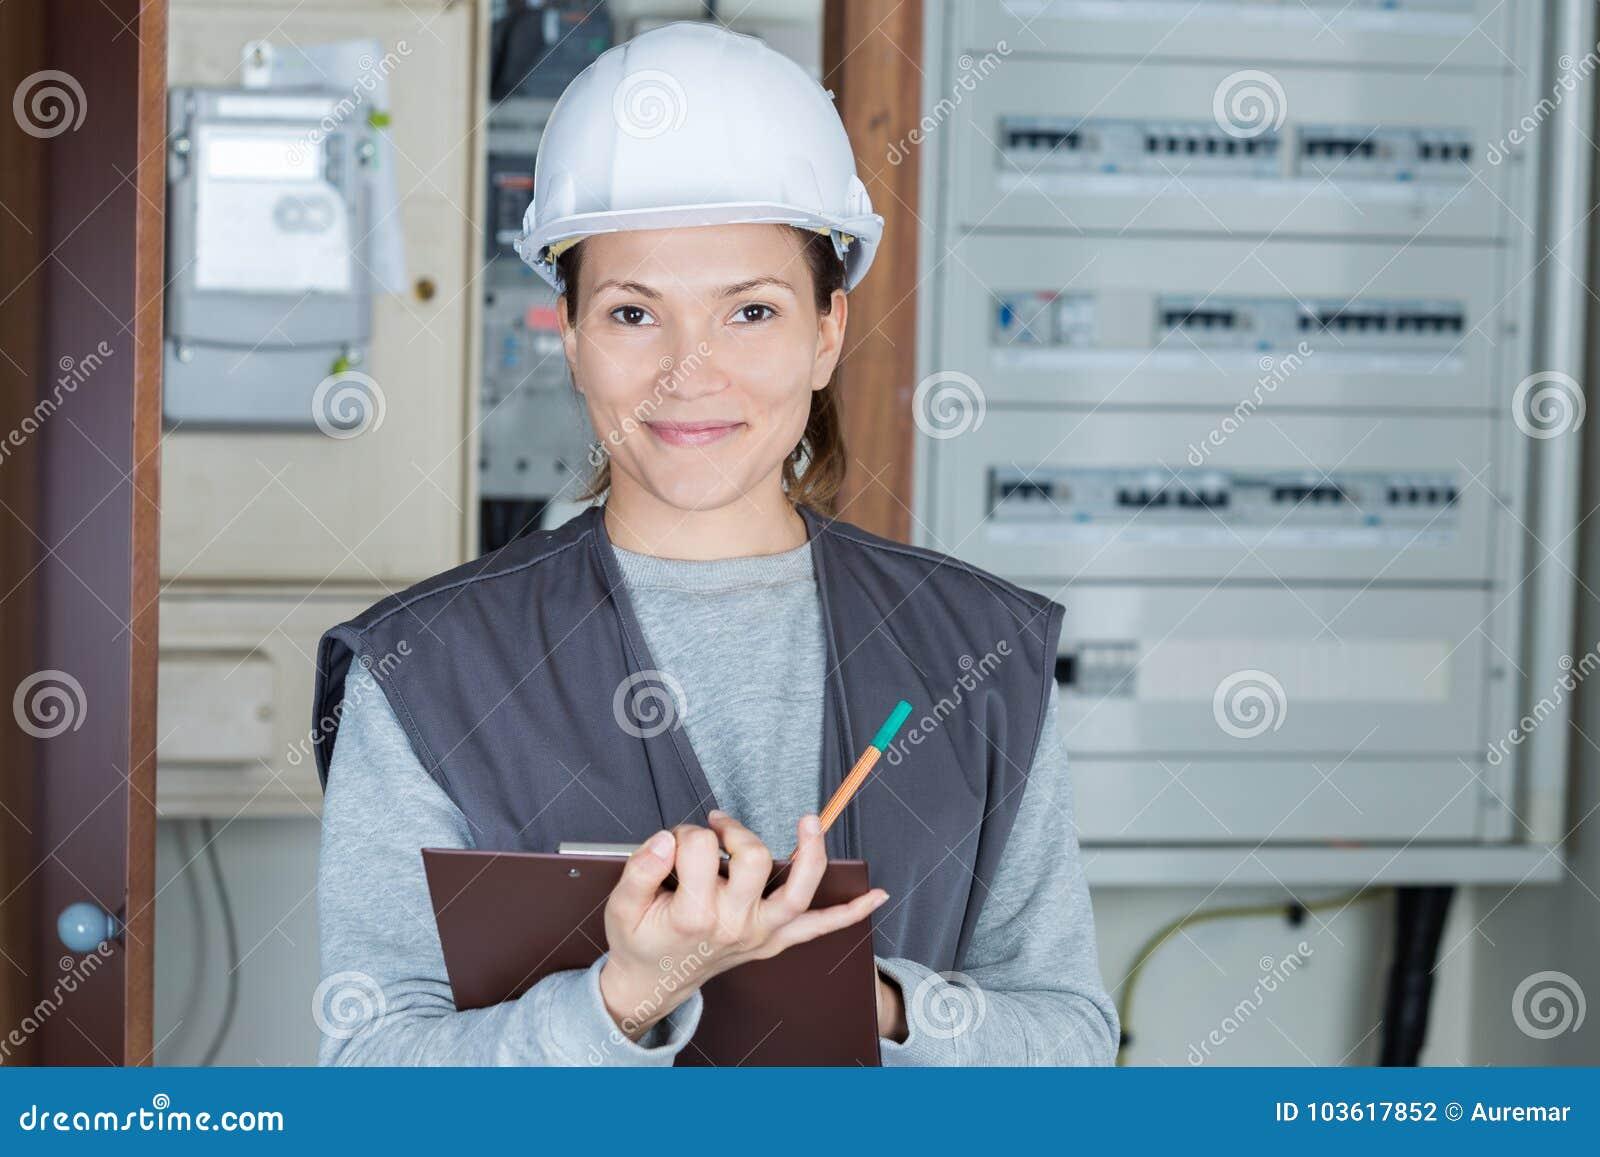 Weiblicher Elektriker des Porträts mit Klemmbrett am fusebox